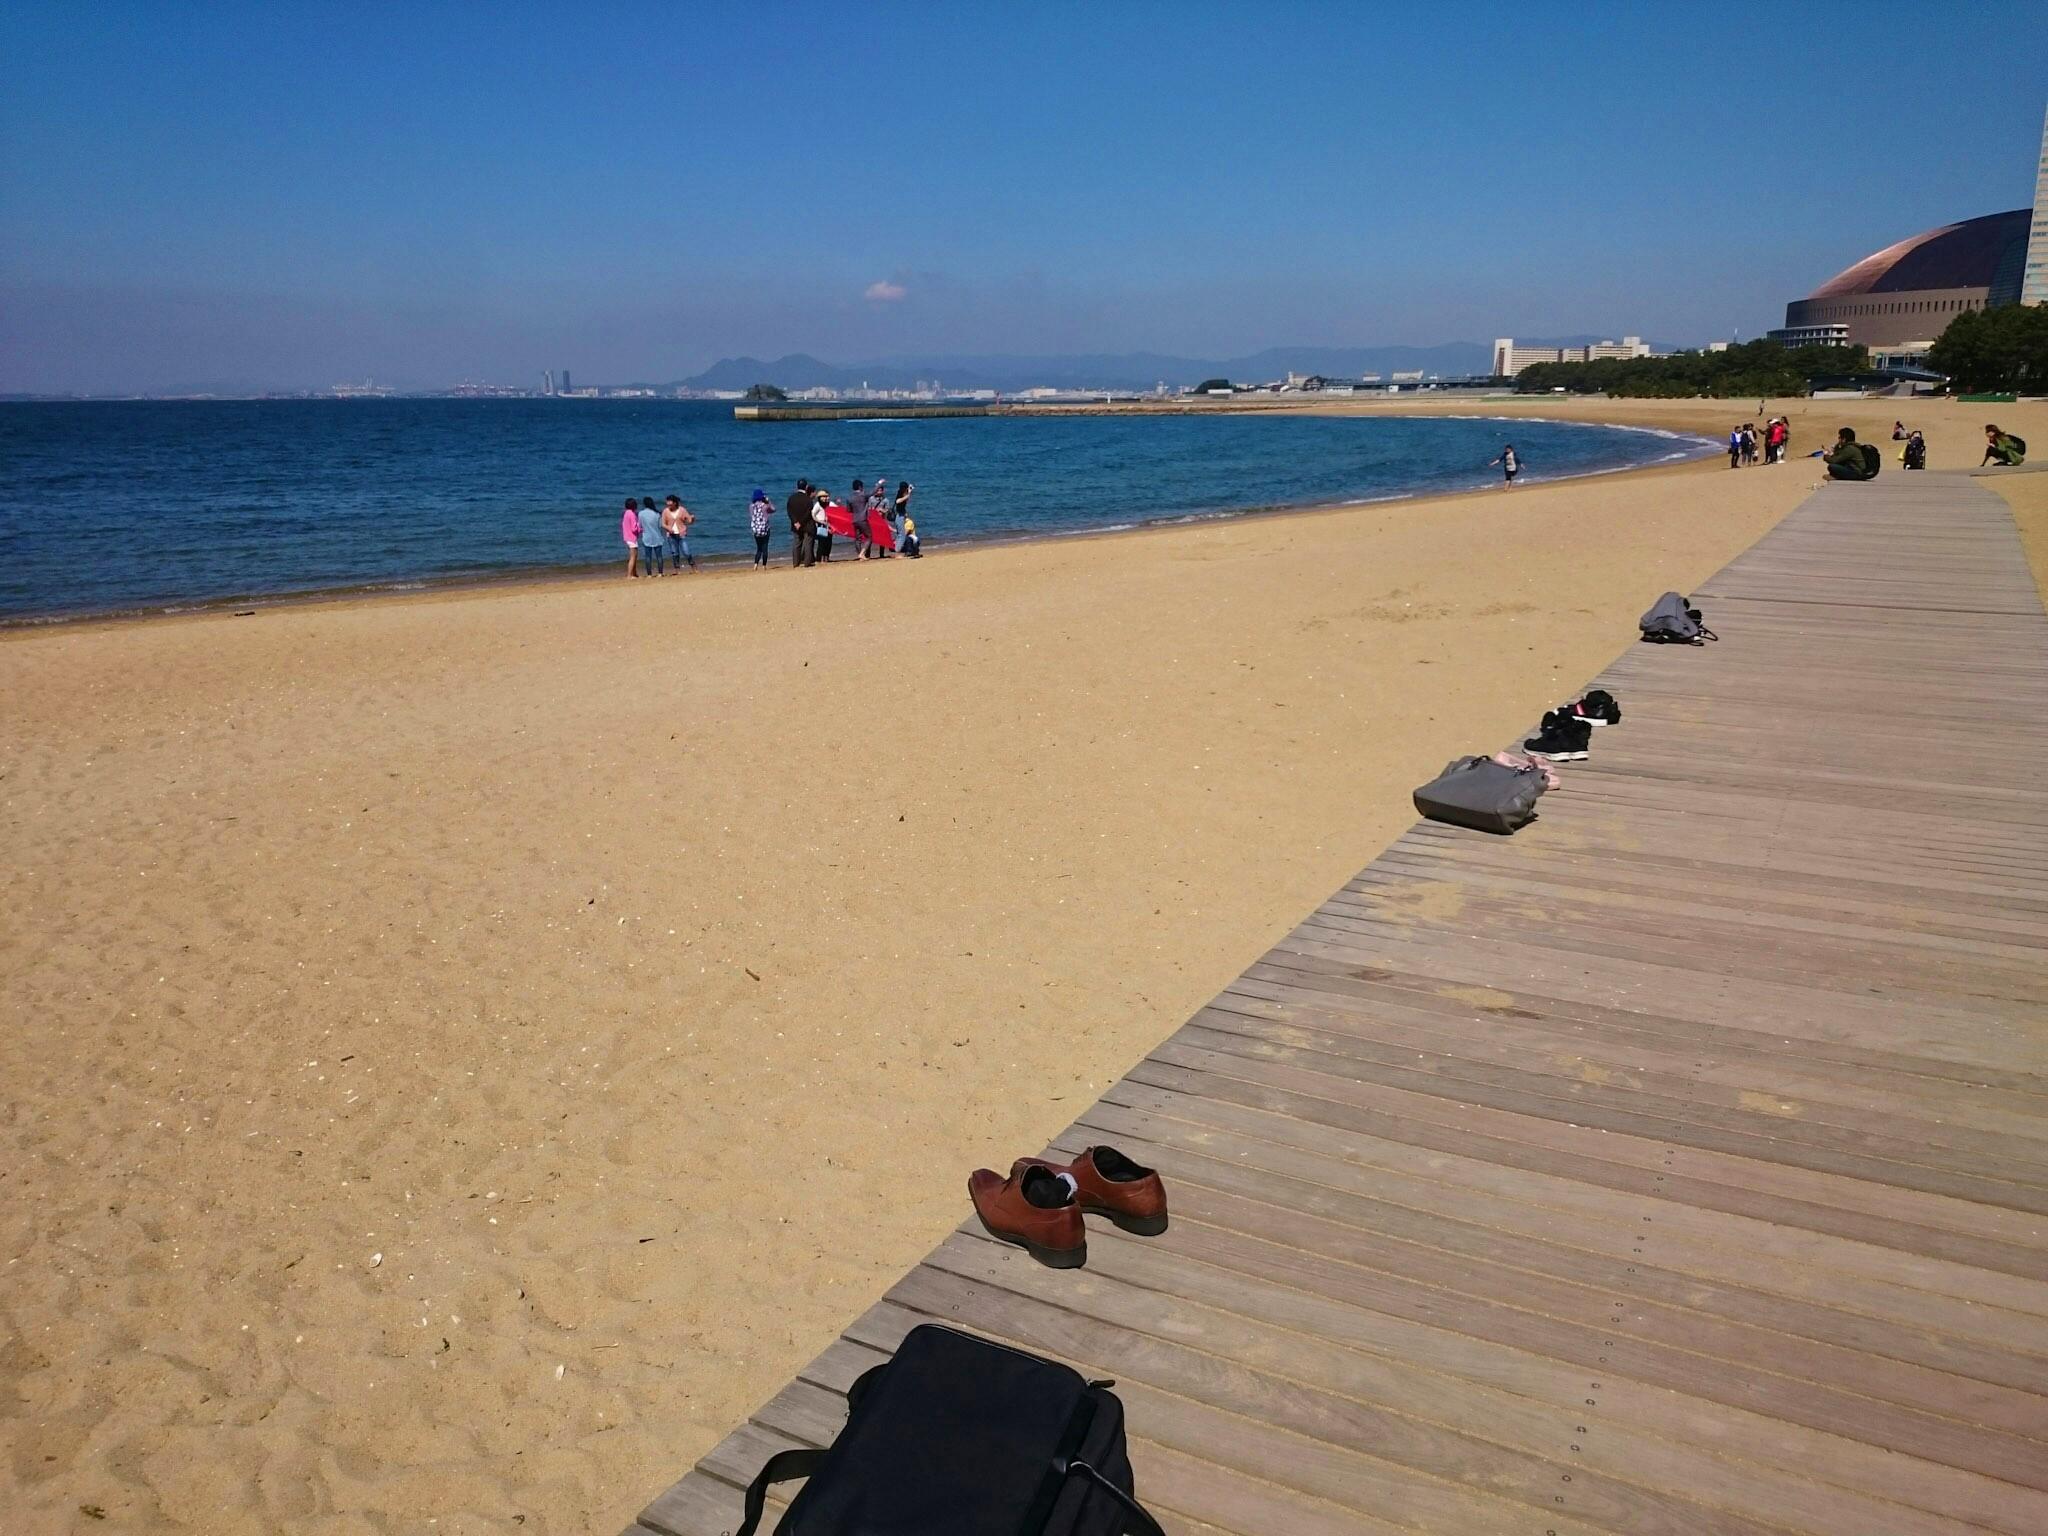 Momochi beach, Fukuoka